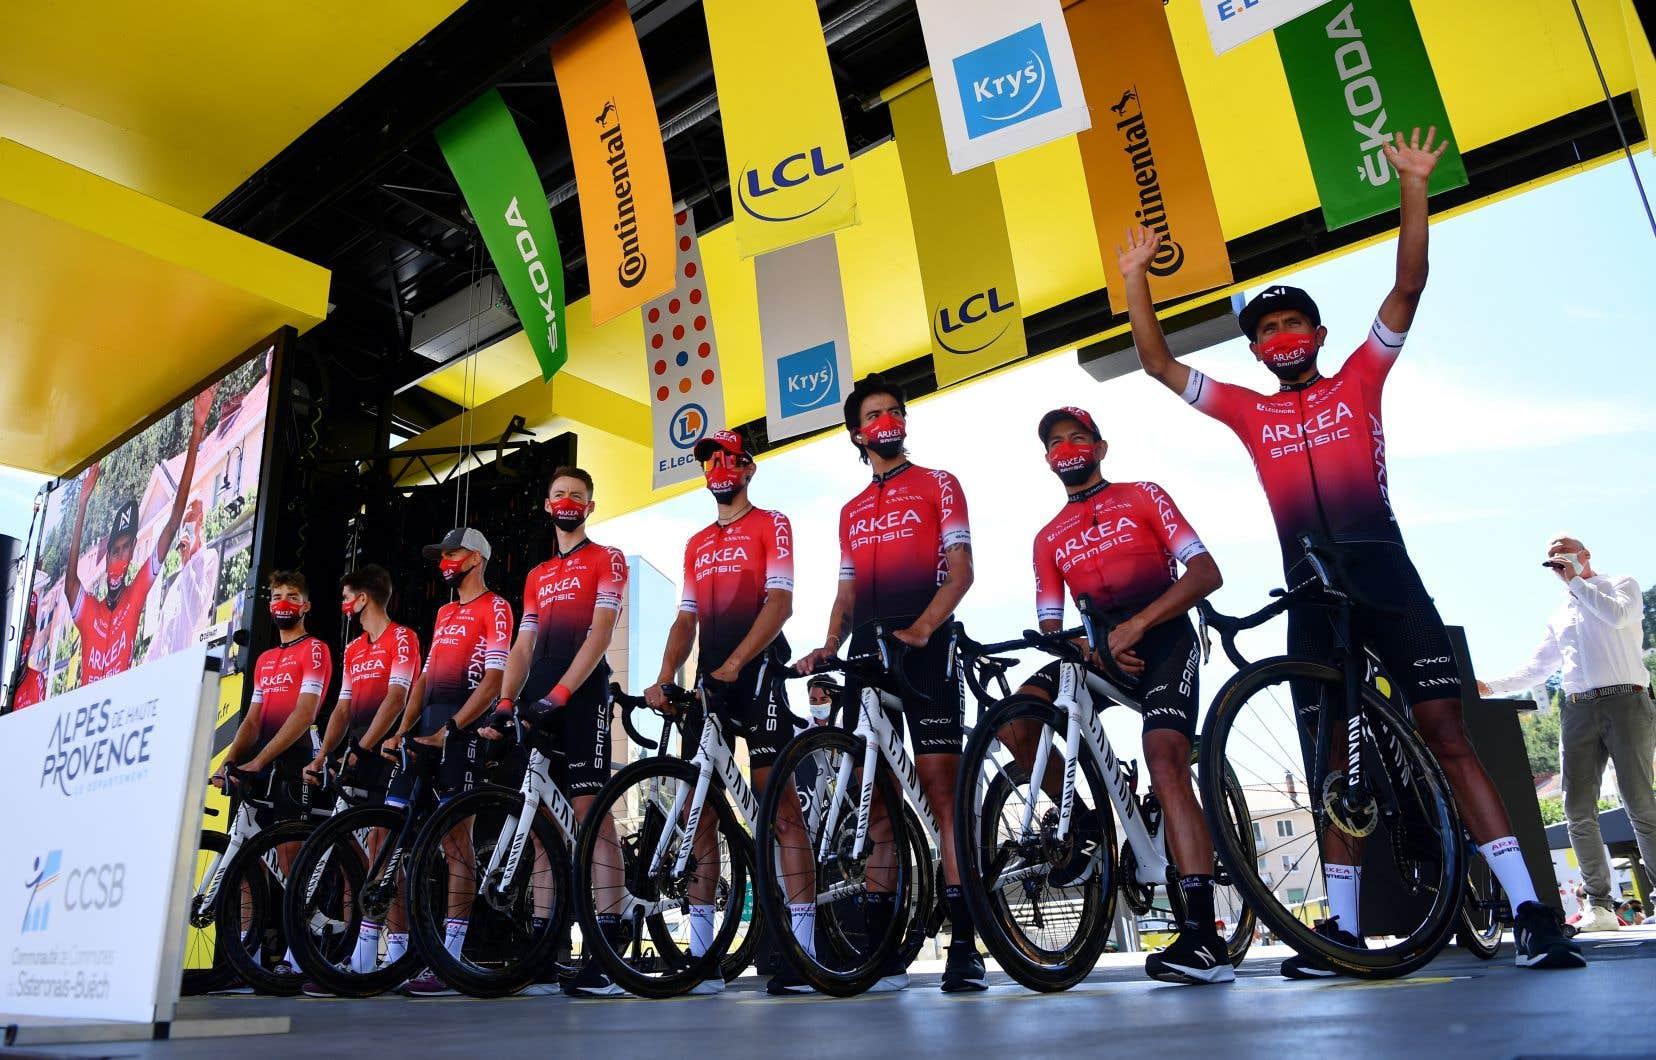 Cette affaire est la première notable depuis plusieurs années sur le Tour de France, après de longues années marquées par des descentes de police pendant l'épreuve depuis l'affaire Festina en 1998.